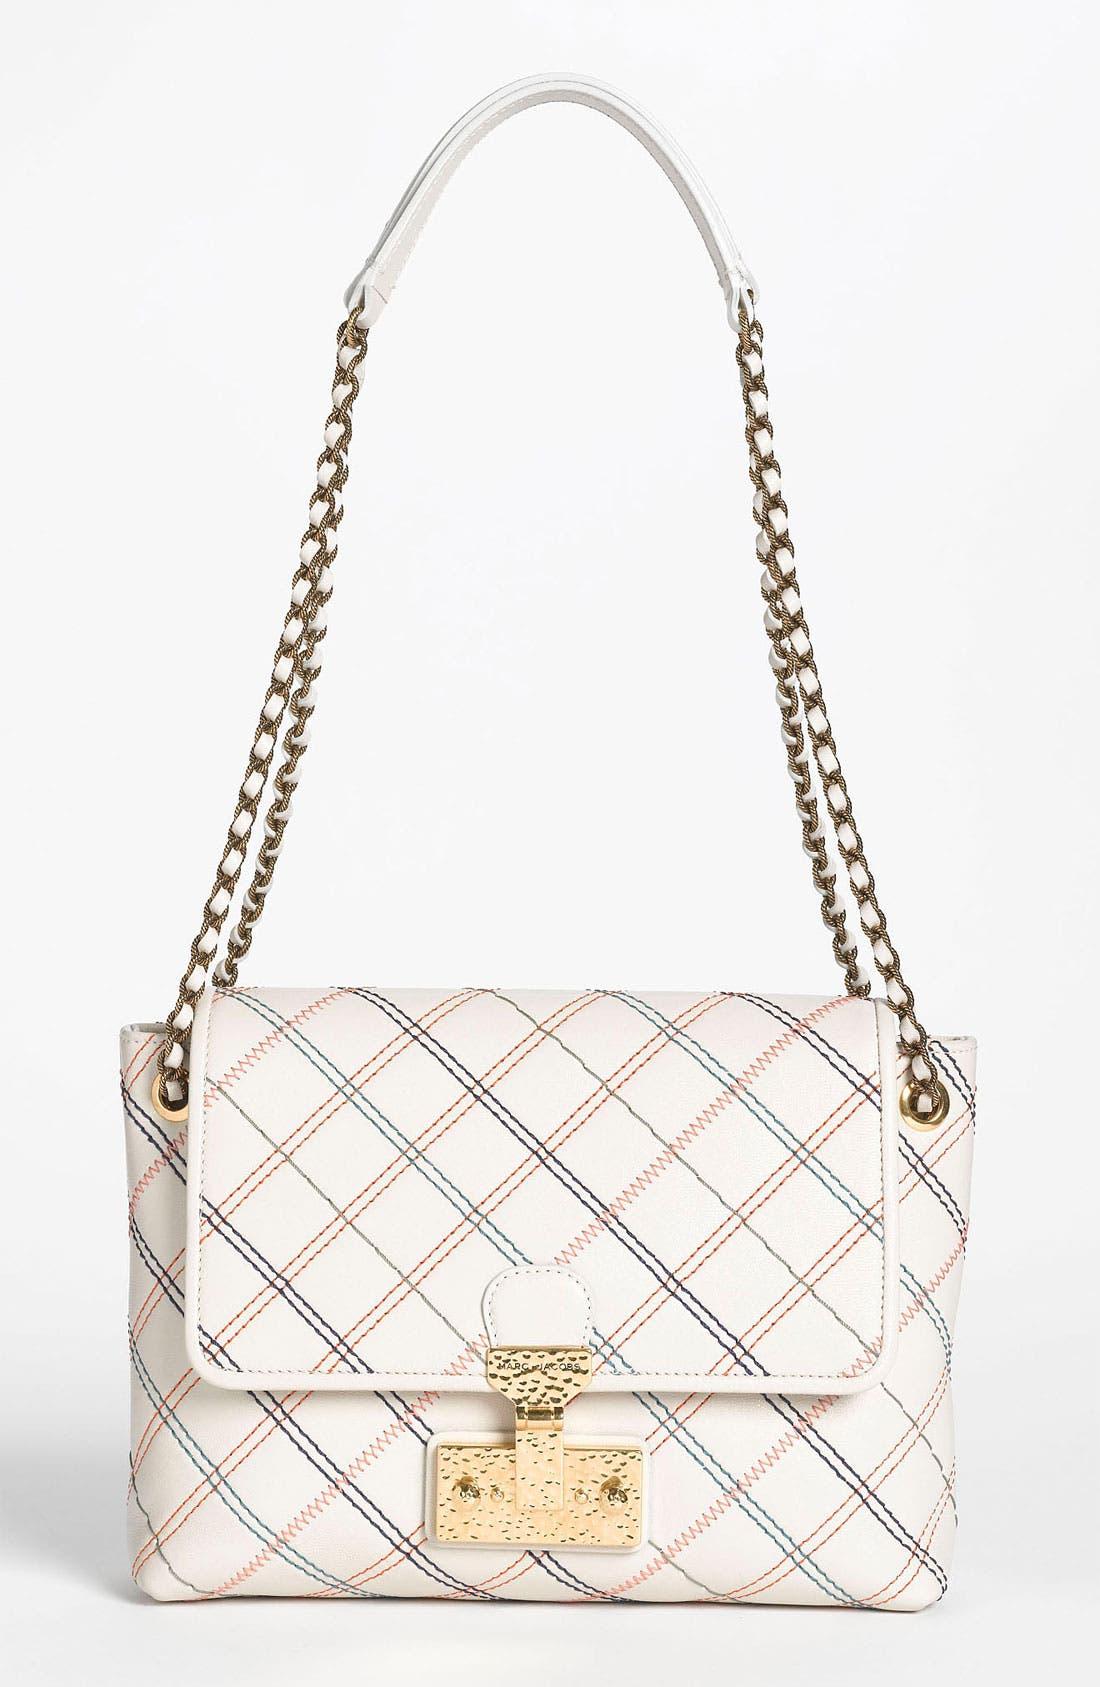 Alternate Image 1 Selected - MARC JACOBS 'Multistitch Single - Large' Leather Shoulder Bag